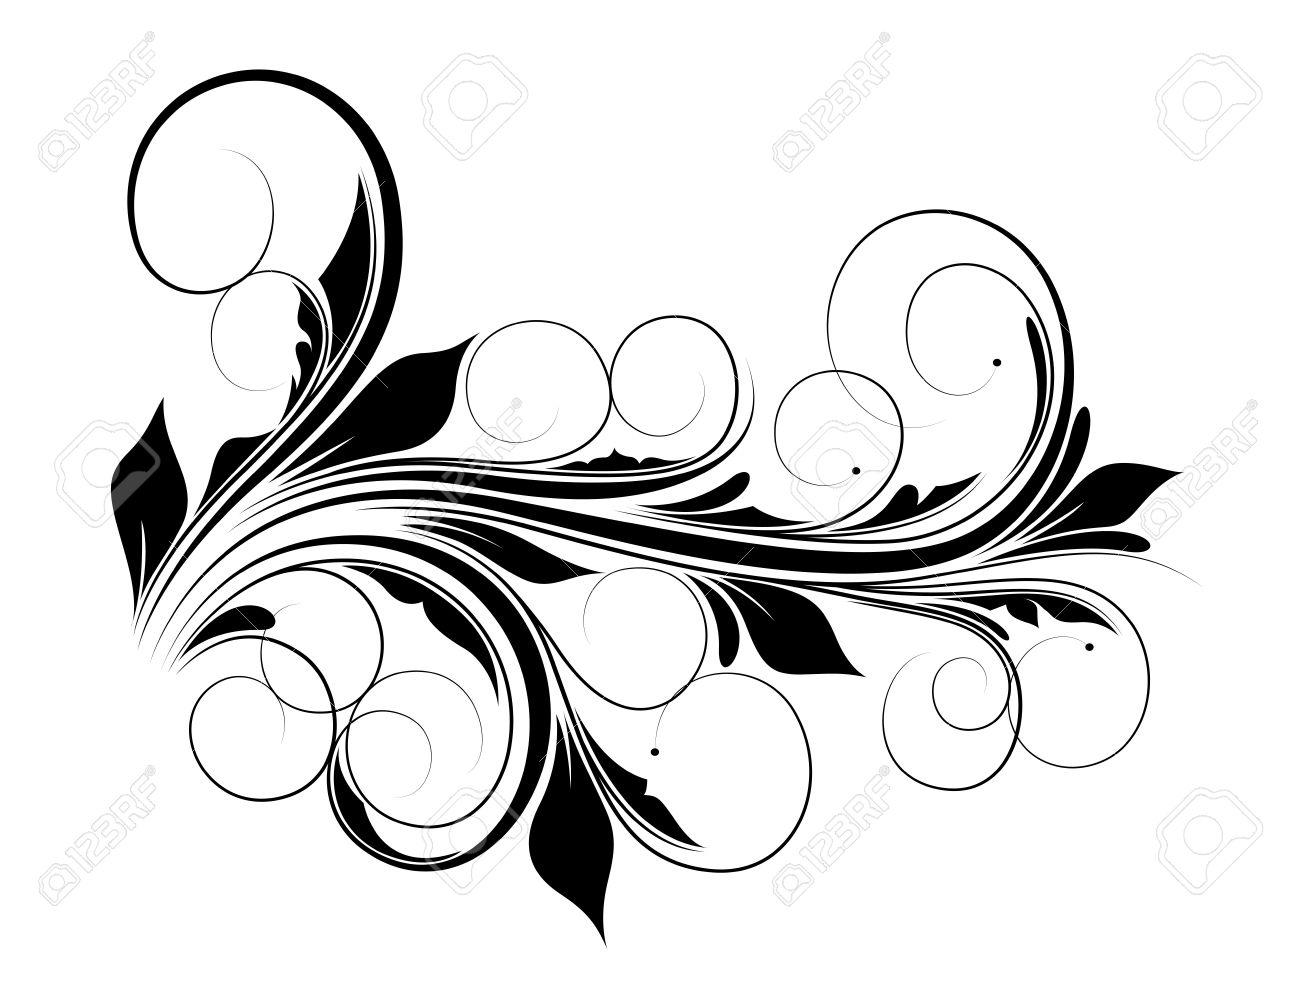 1300x996 Swirl Vectors Gallery Images)